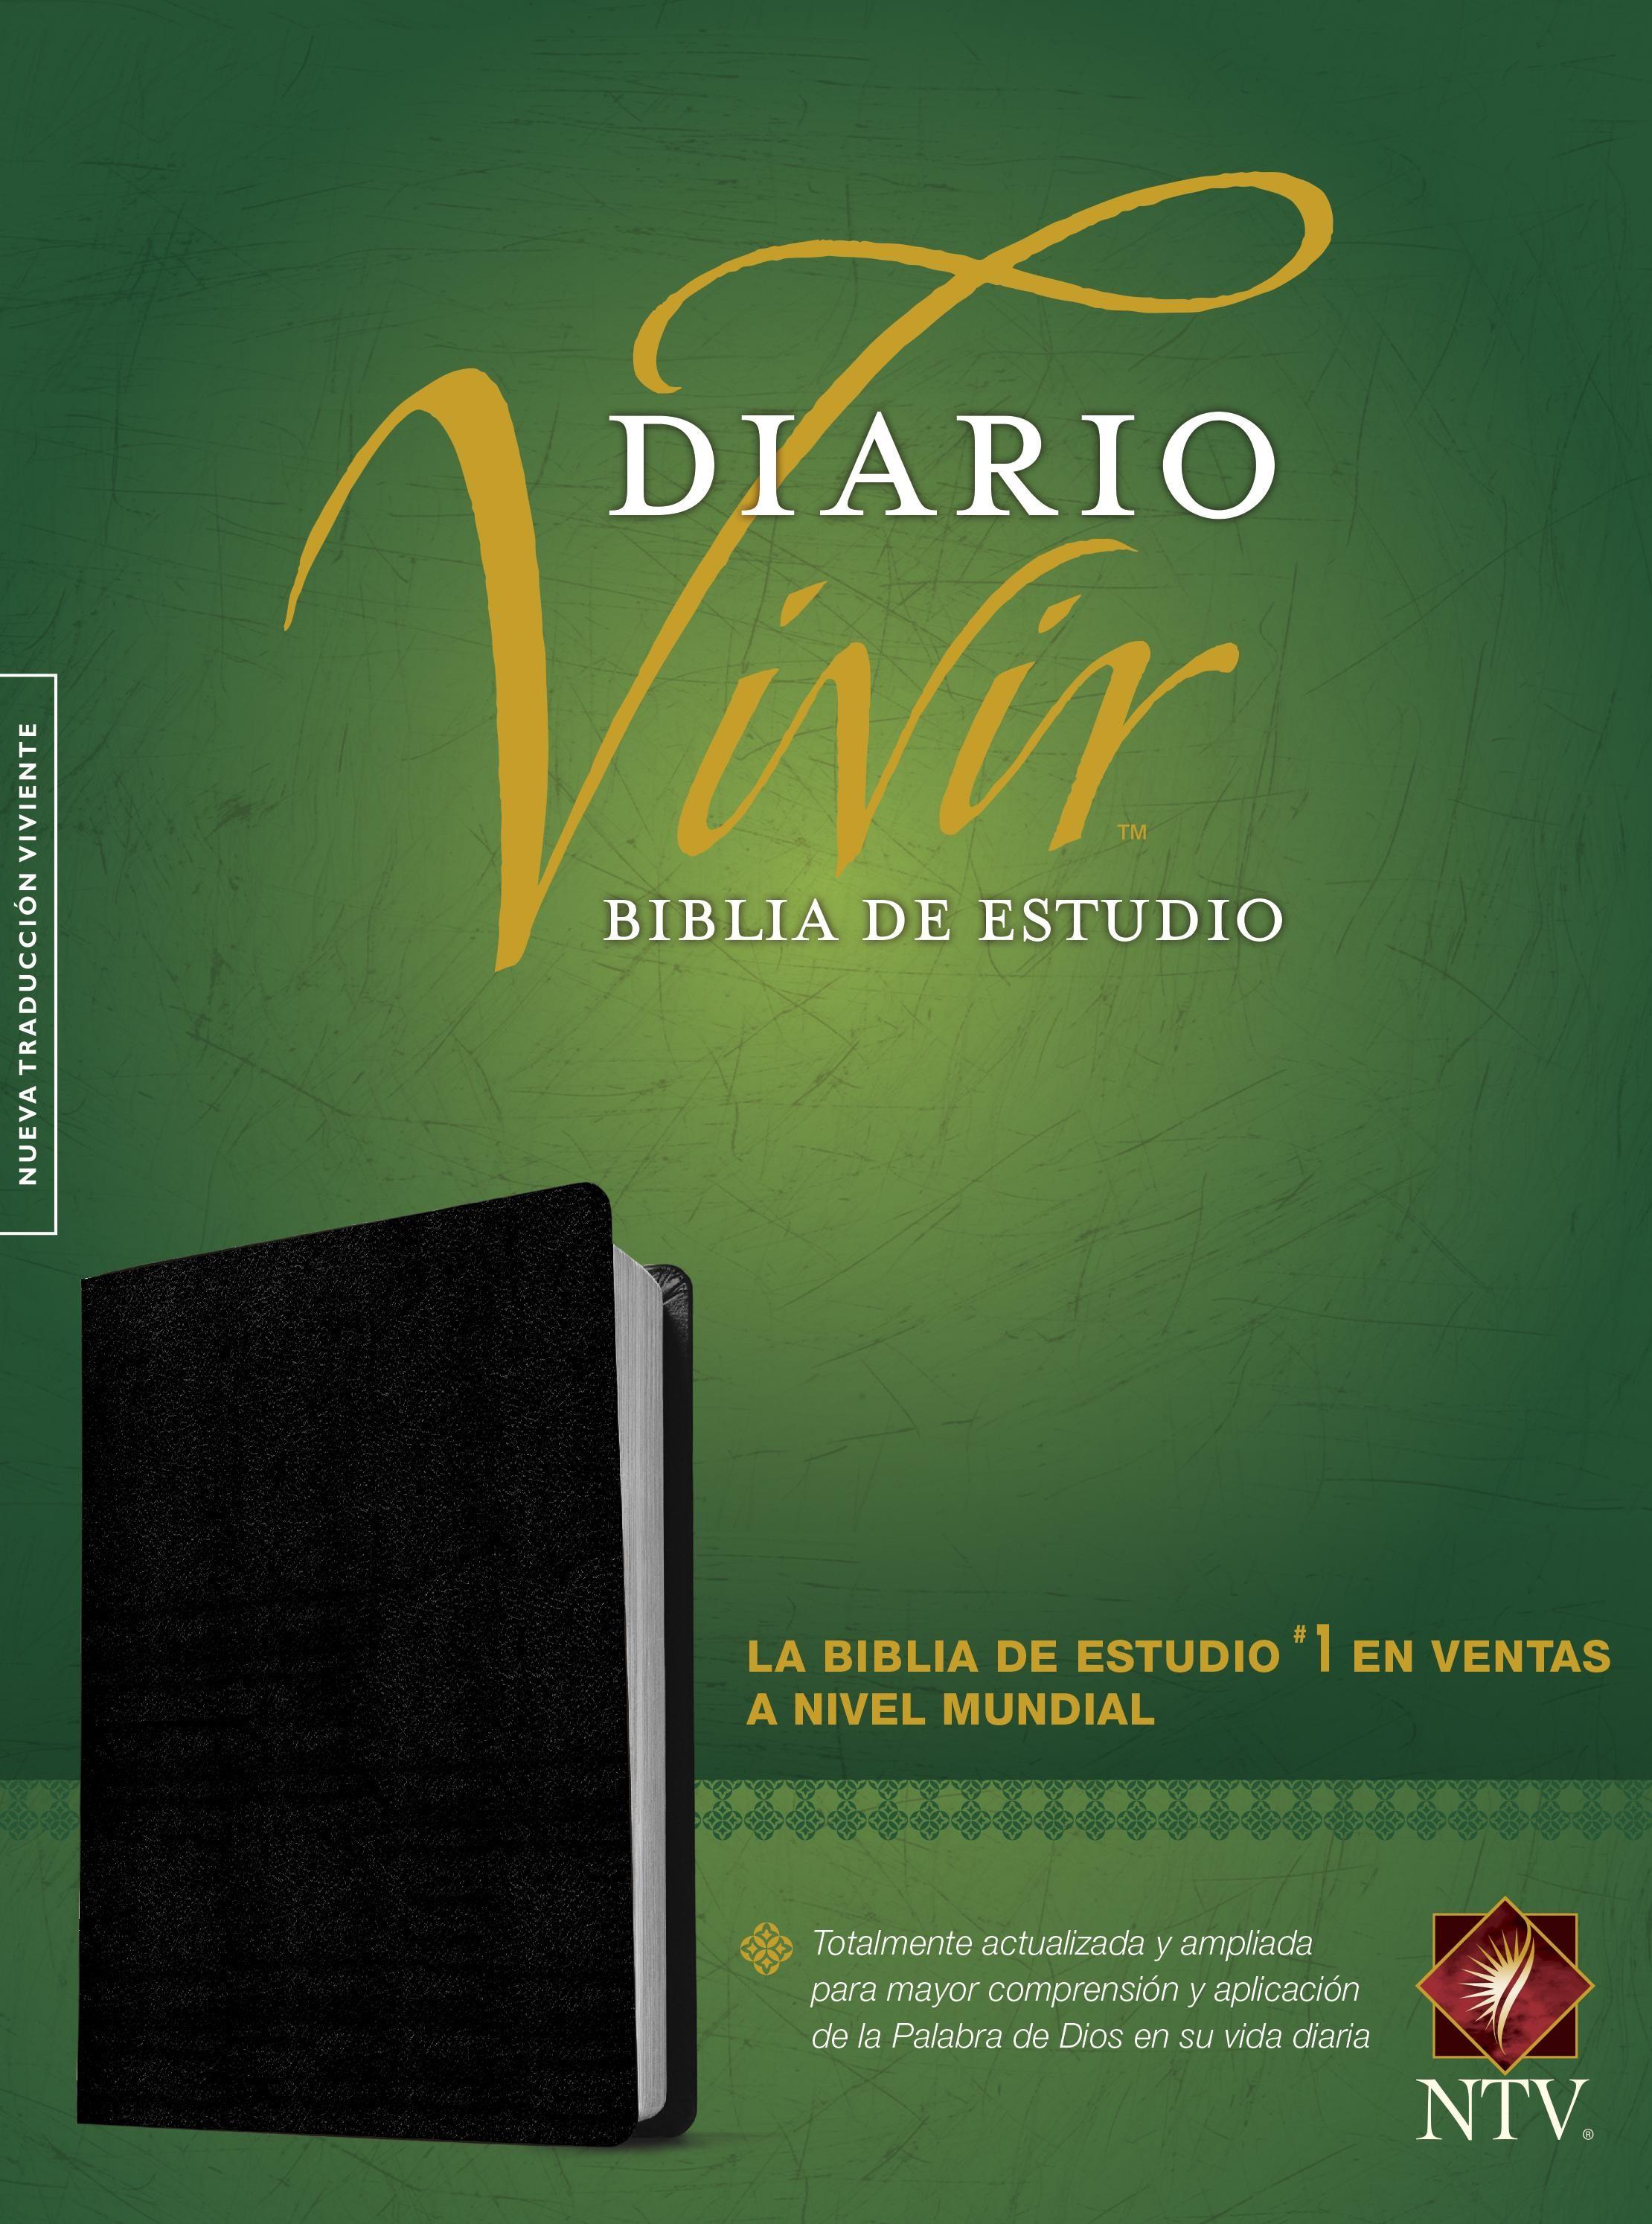 Biblia de estudio del diario vivir NTV (Letra Roja, Piel fabricada, Negro, Índice)